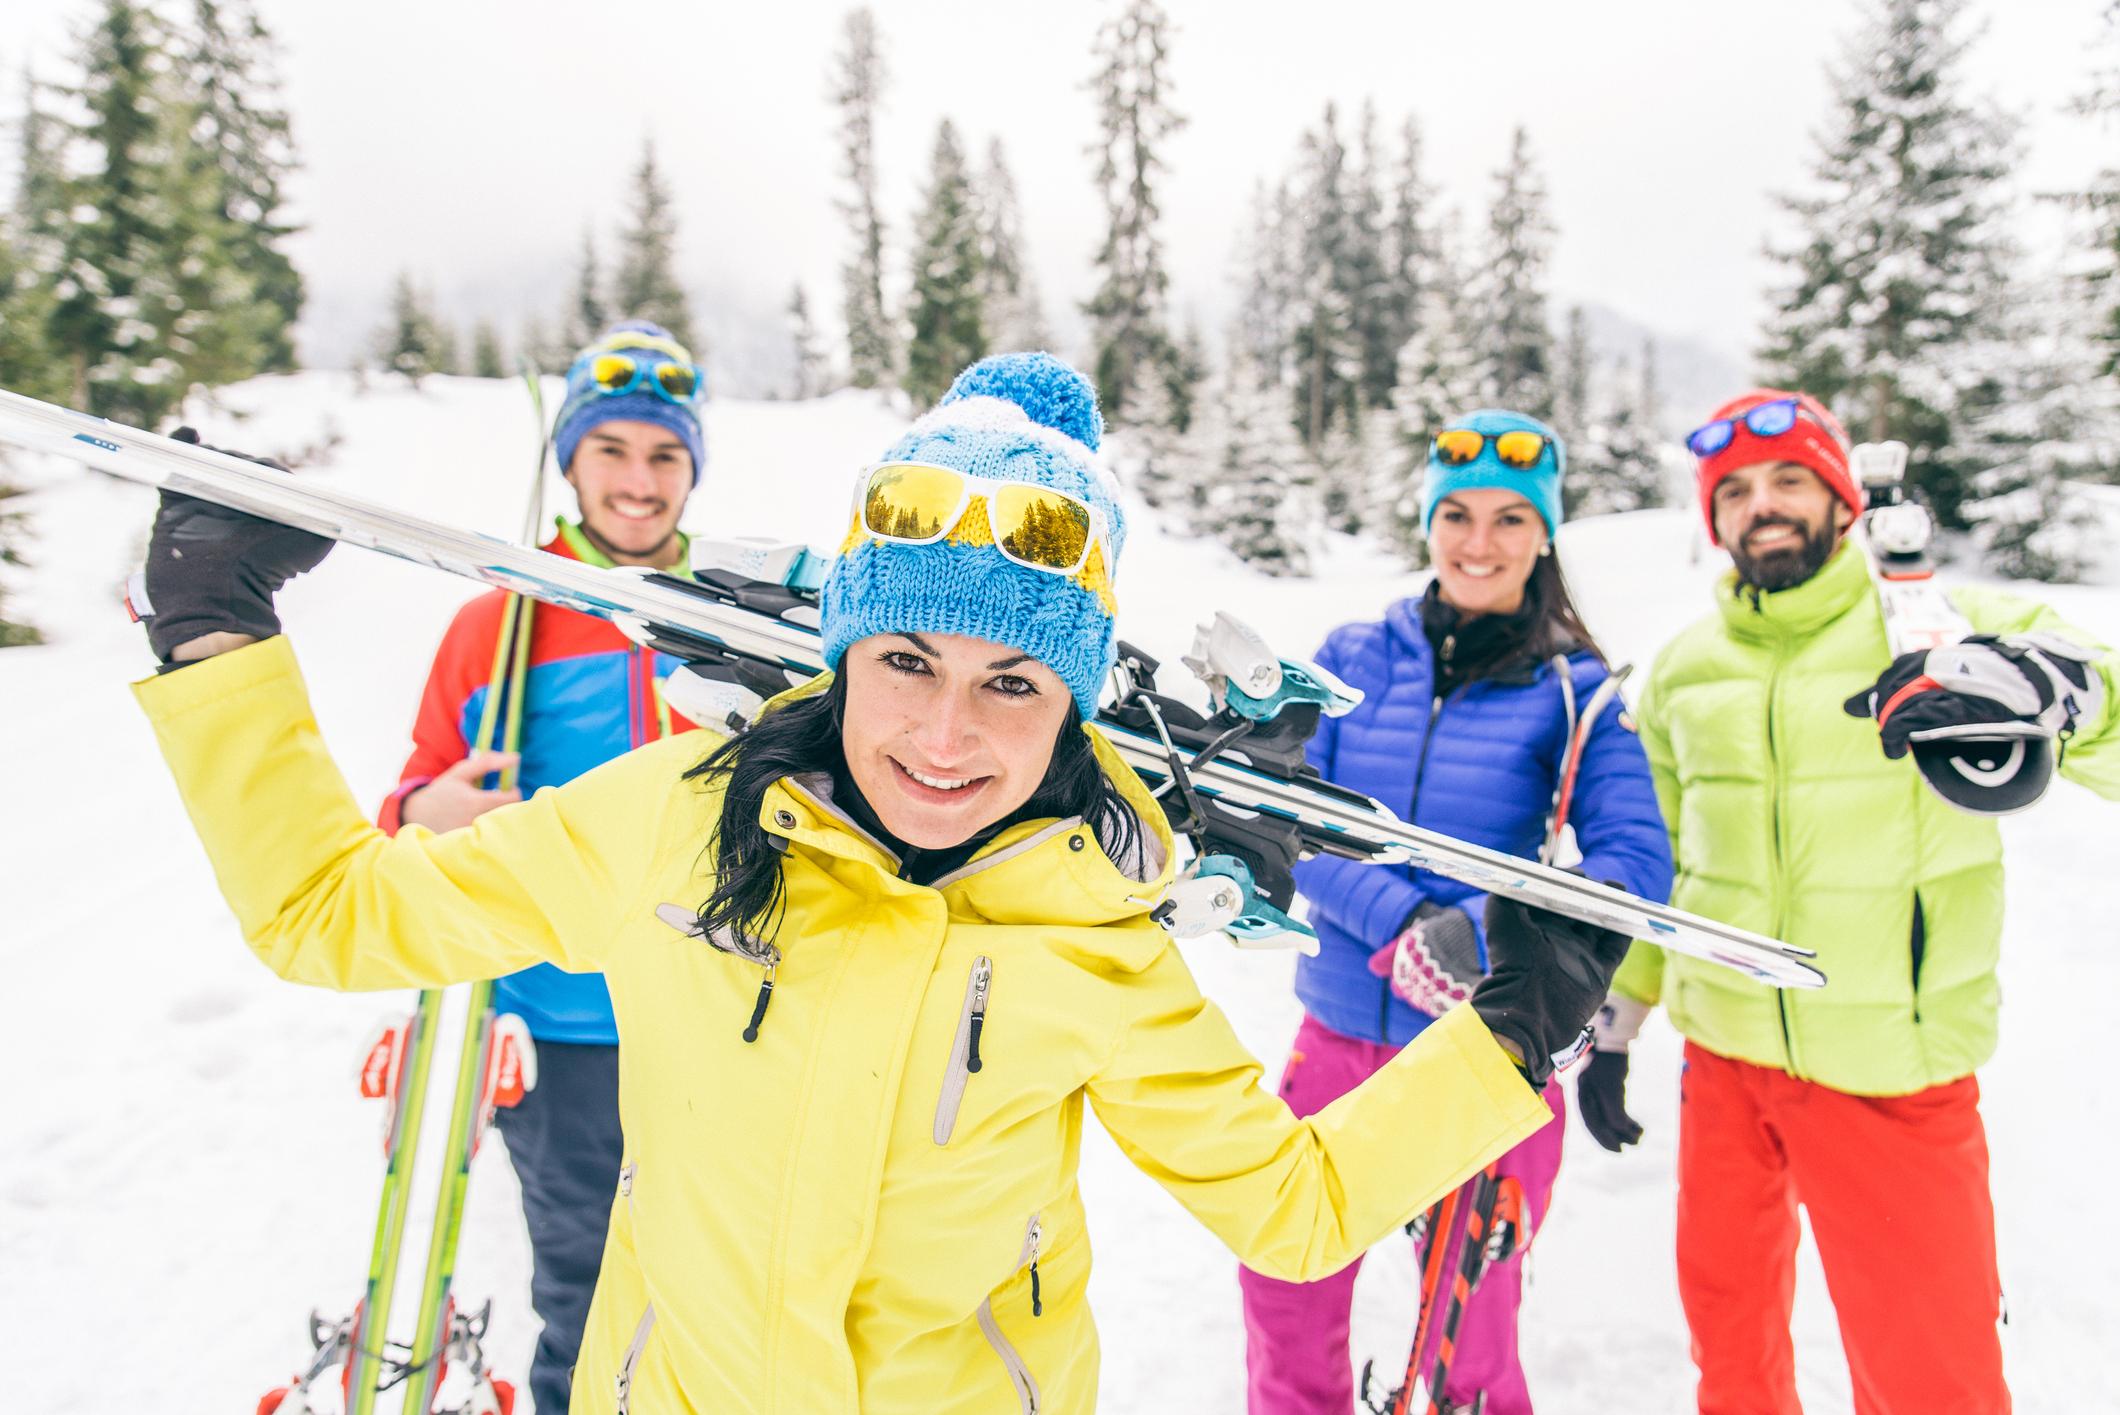 rencontre ski celibataire site de rencontre gratuit sans inscription nord